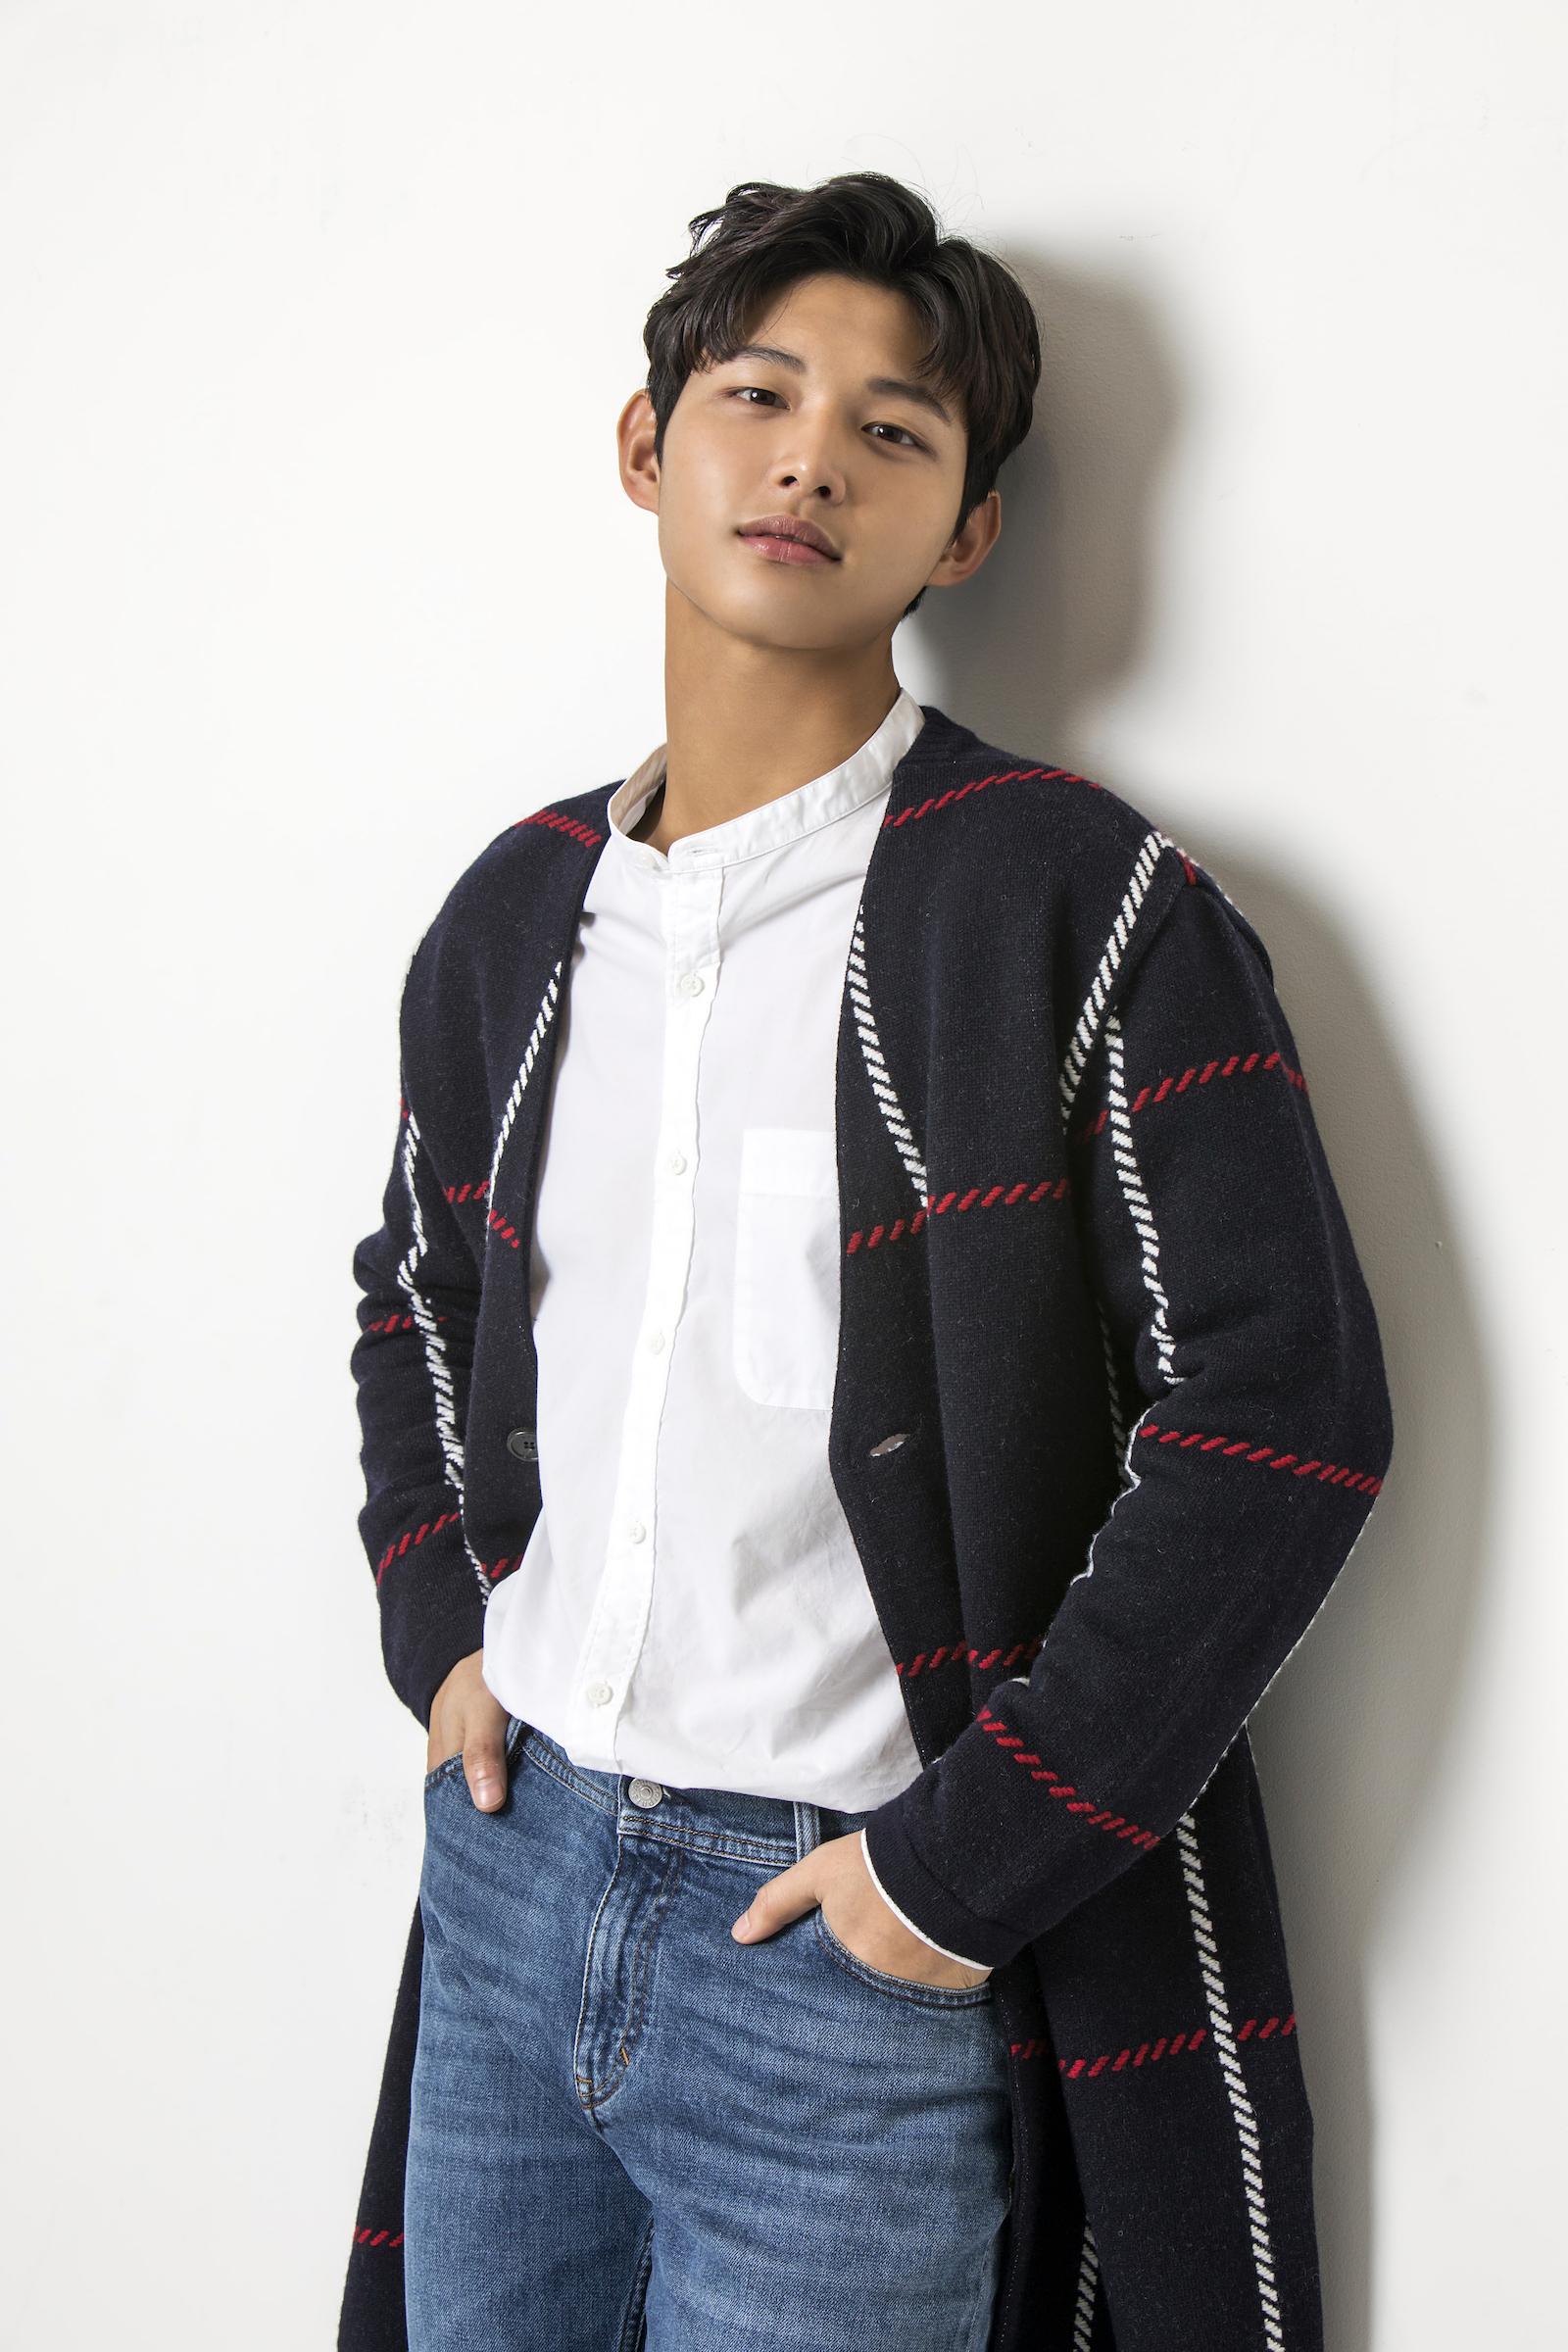 「病院船」の注目若手俳優、イ・ソウォンさんインタビュー_1_2